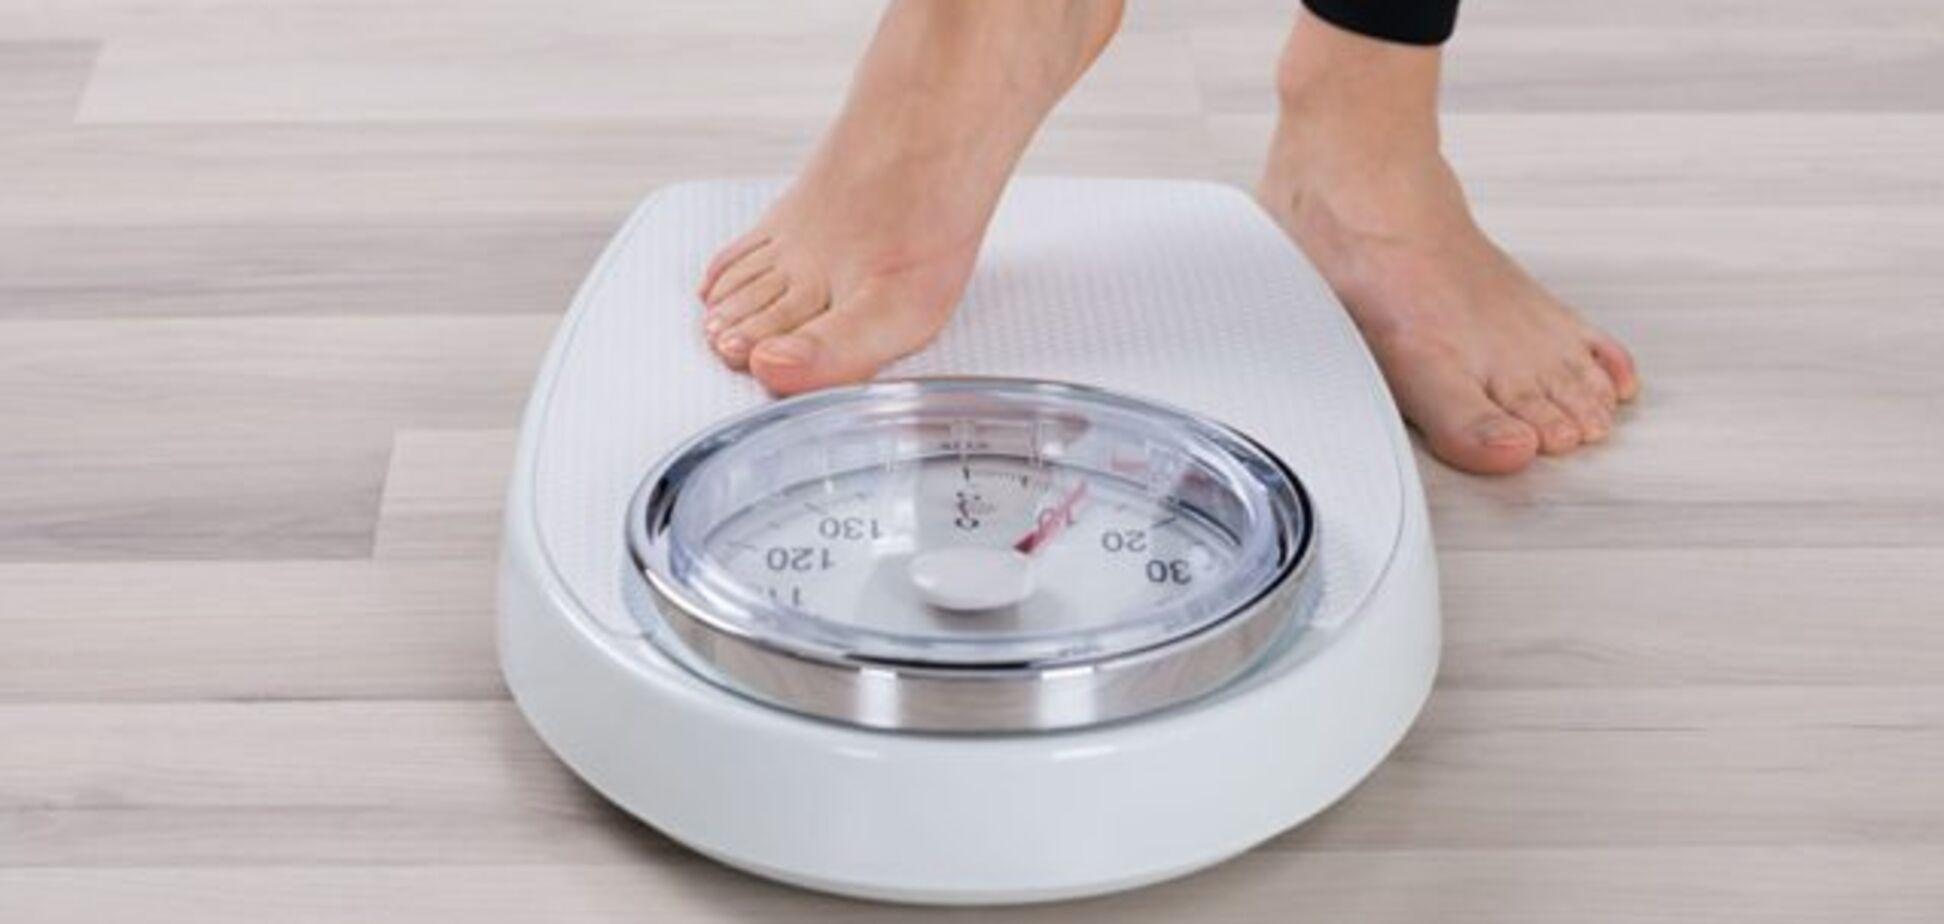 Що робити, якщо вага стоїть на місці: дієтологиня дала поради